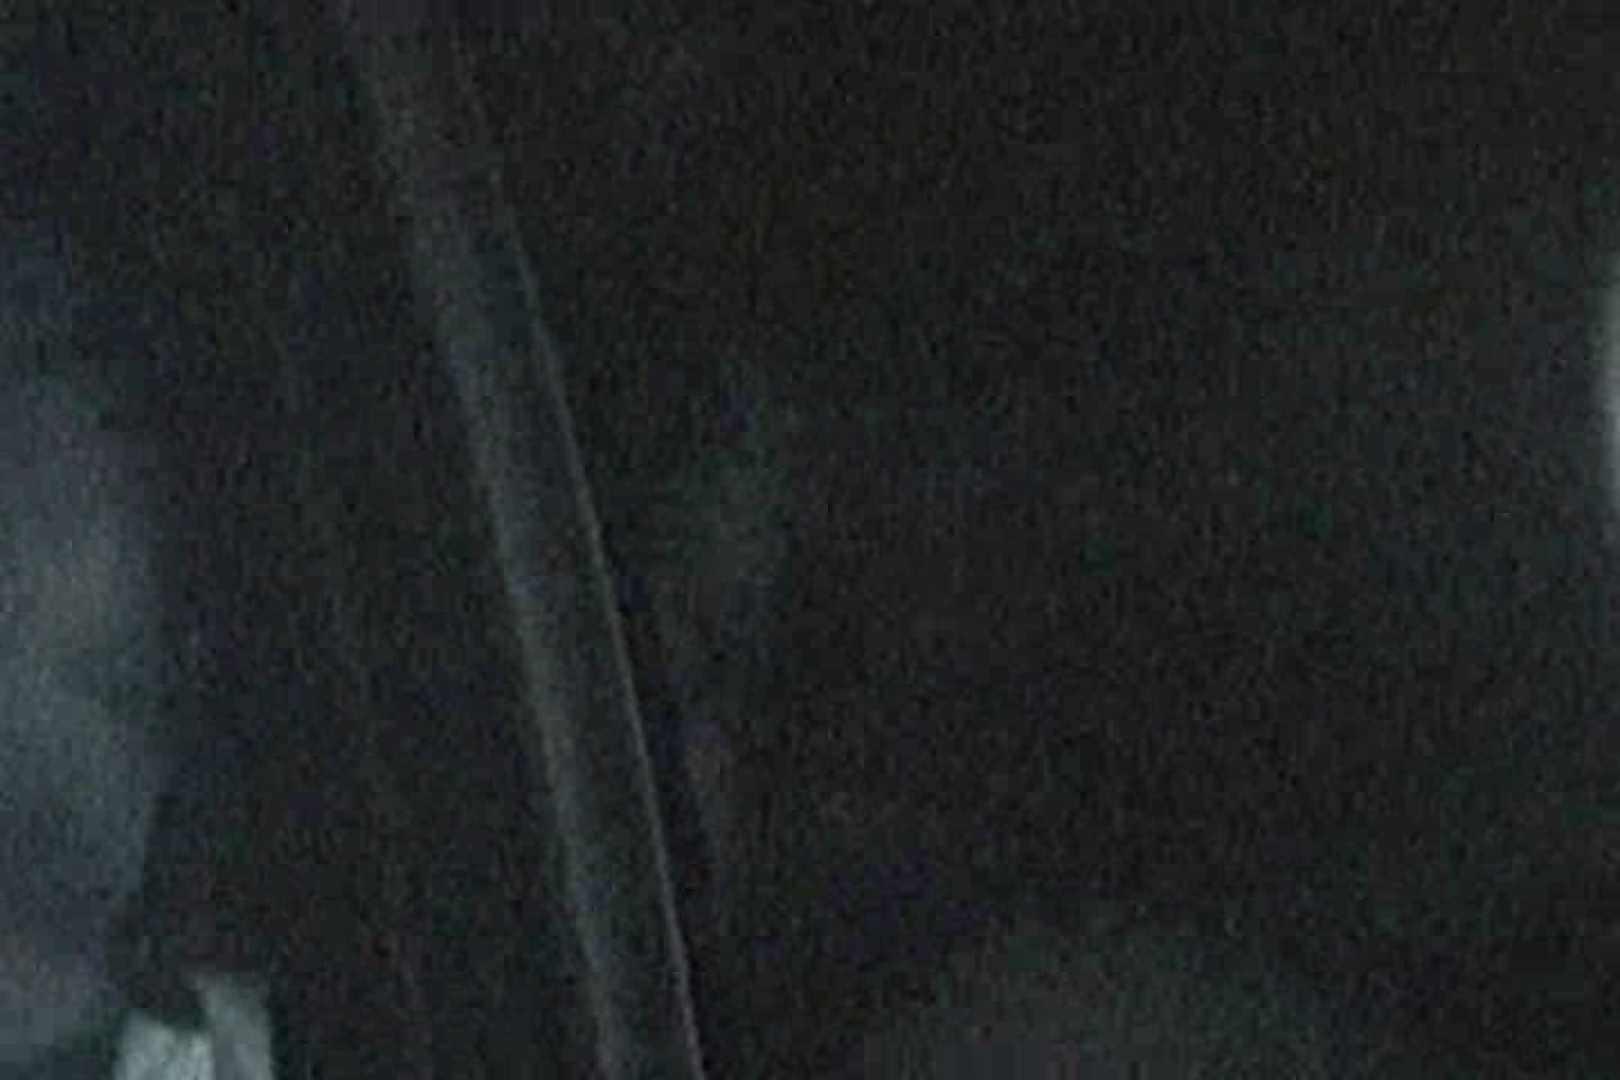 充血監督の深夜の運動会Vol.7 OLセックス 盗撮AV動画キャプチャ 98画像 11